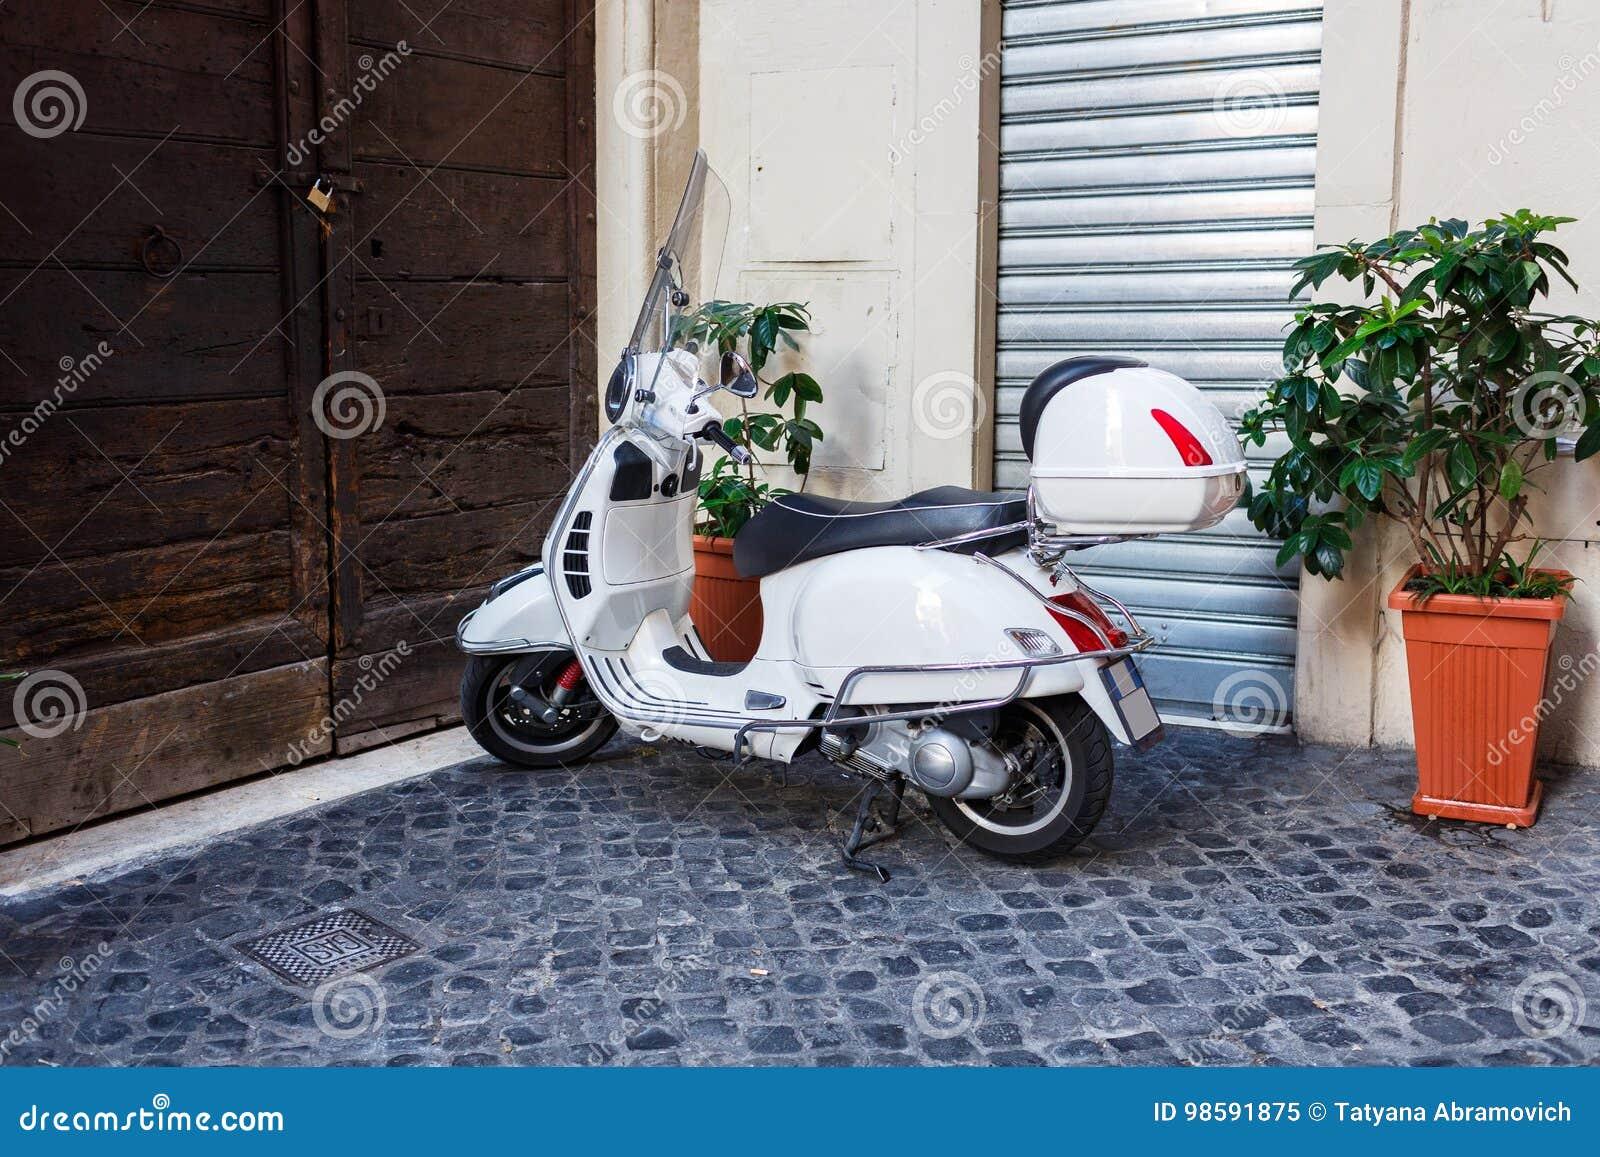 ROM, ITALIEN - 9. September 2016: Parken von Motorrädern auf der Straße von Rom, Fahrrad, Geschichte, Retro-, klassisch